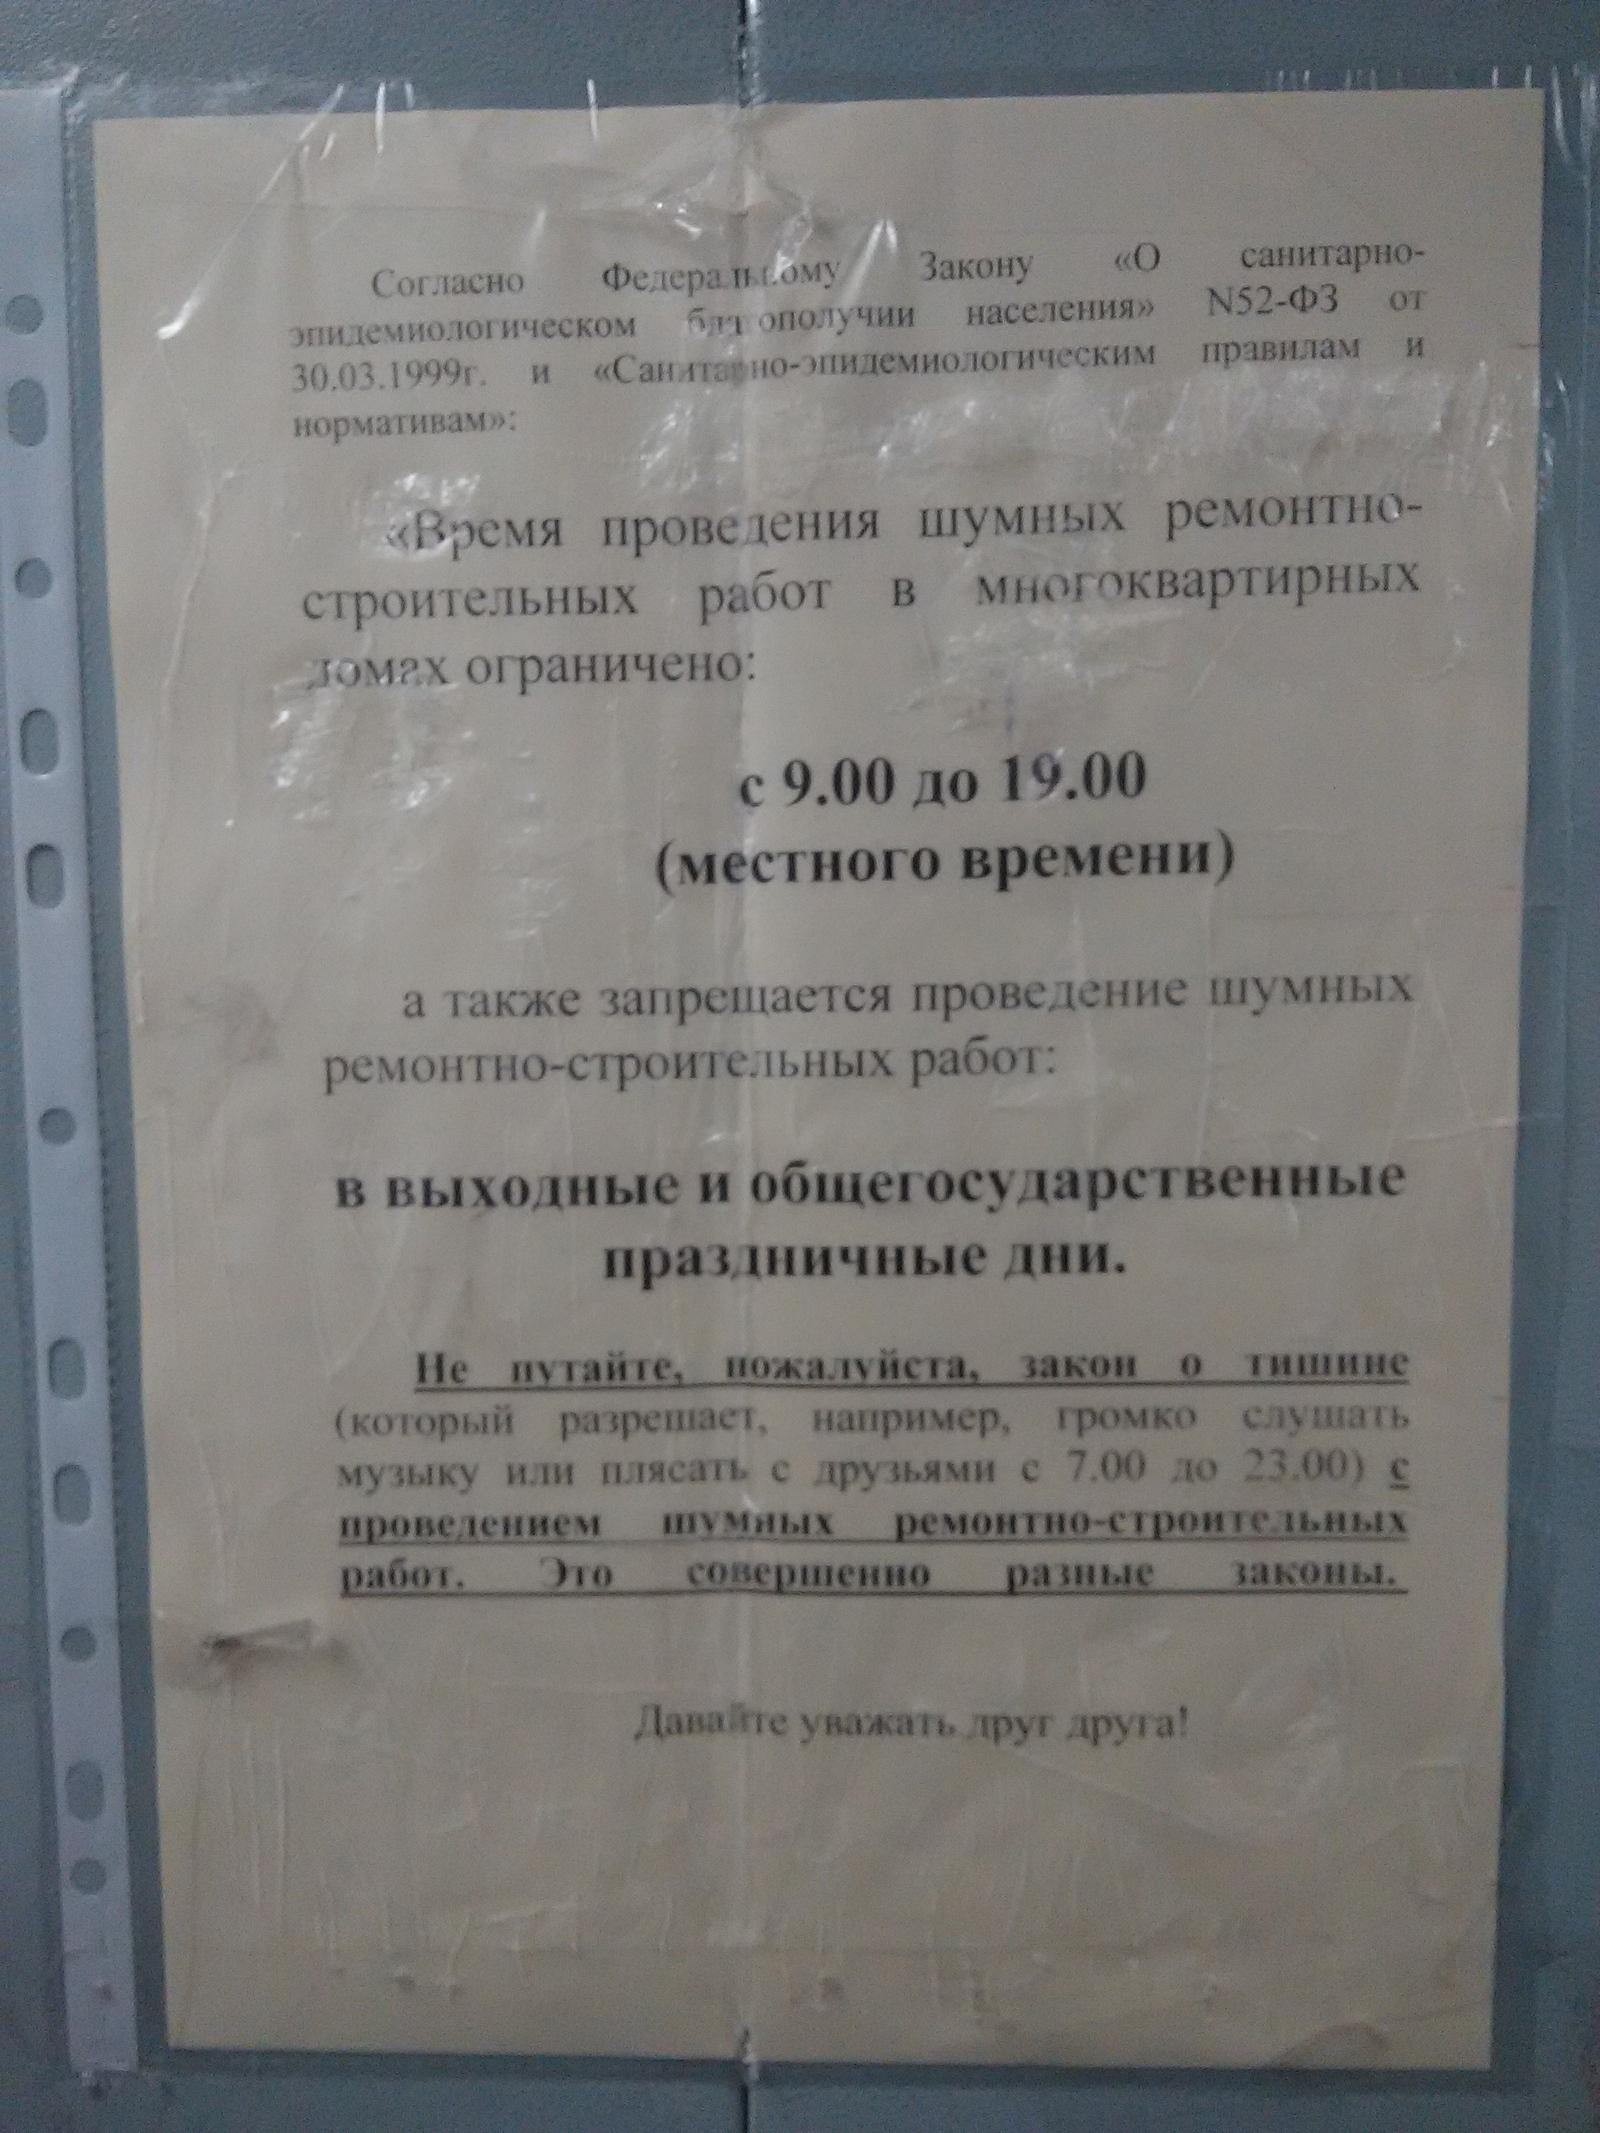 Повысят Ли Пенсию С Т1 Февряля Ветерану Труда Липецкой Области